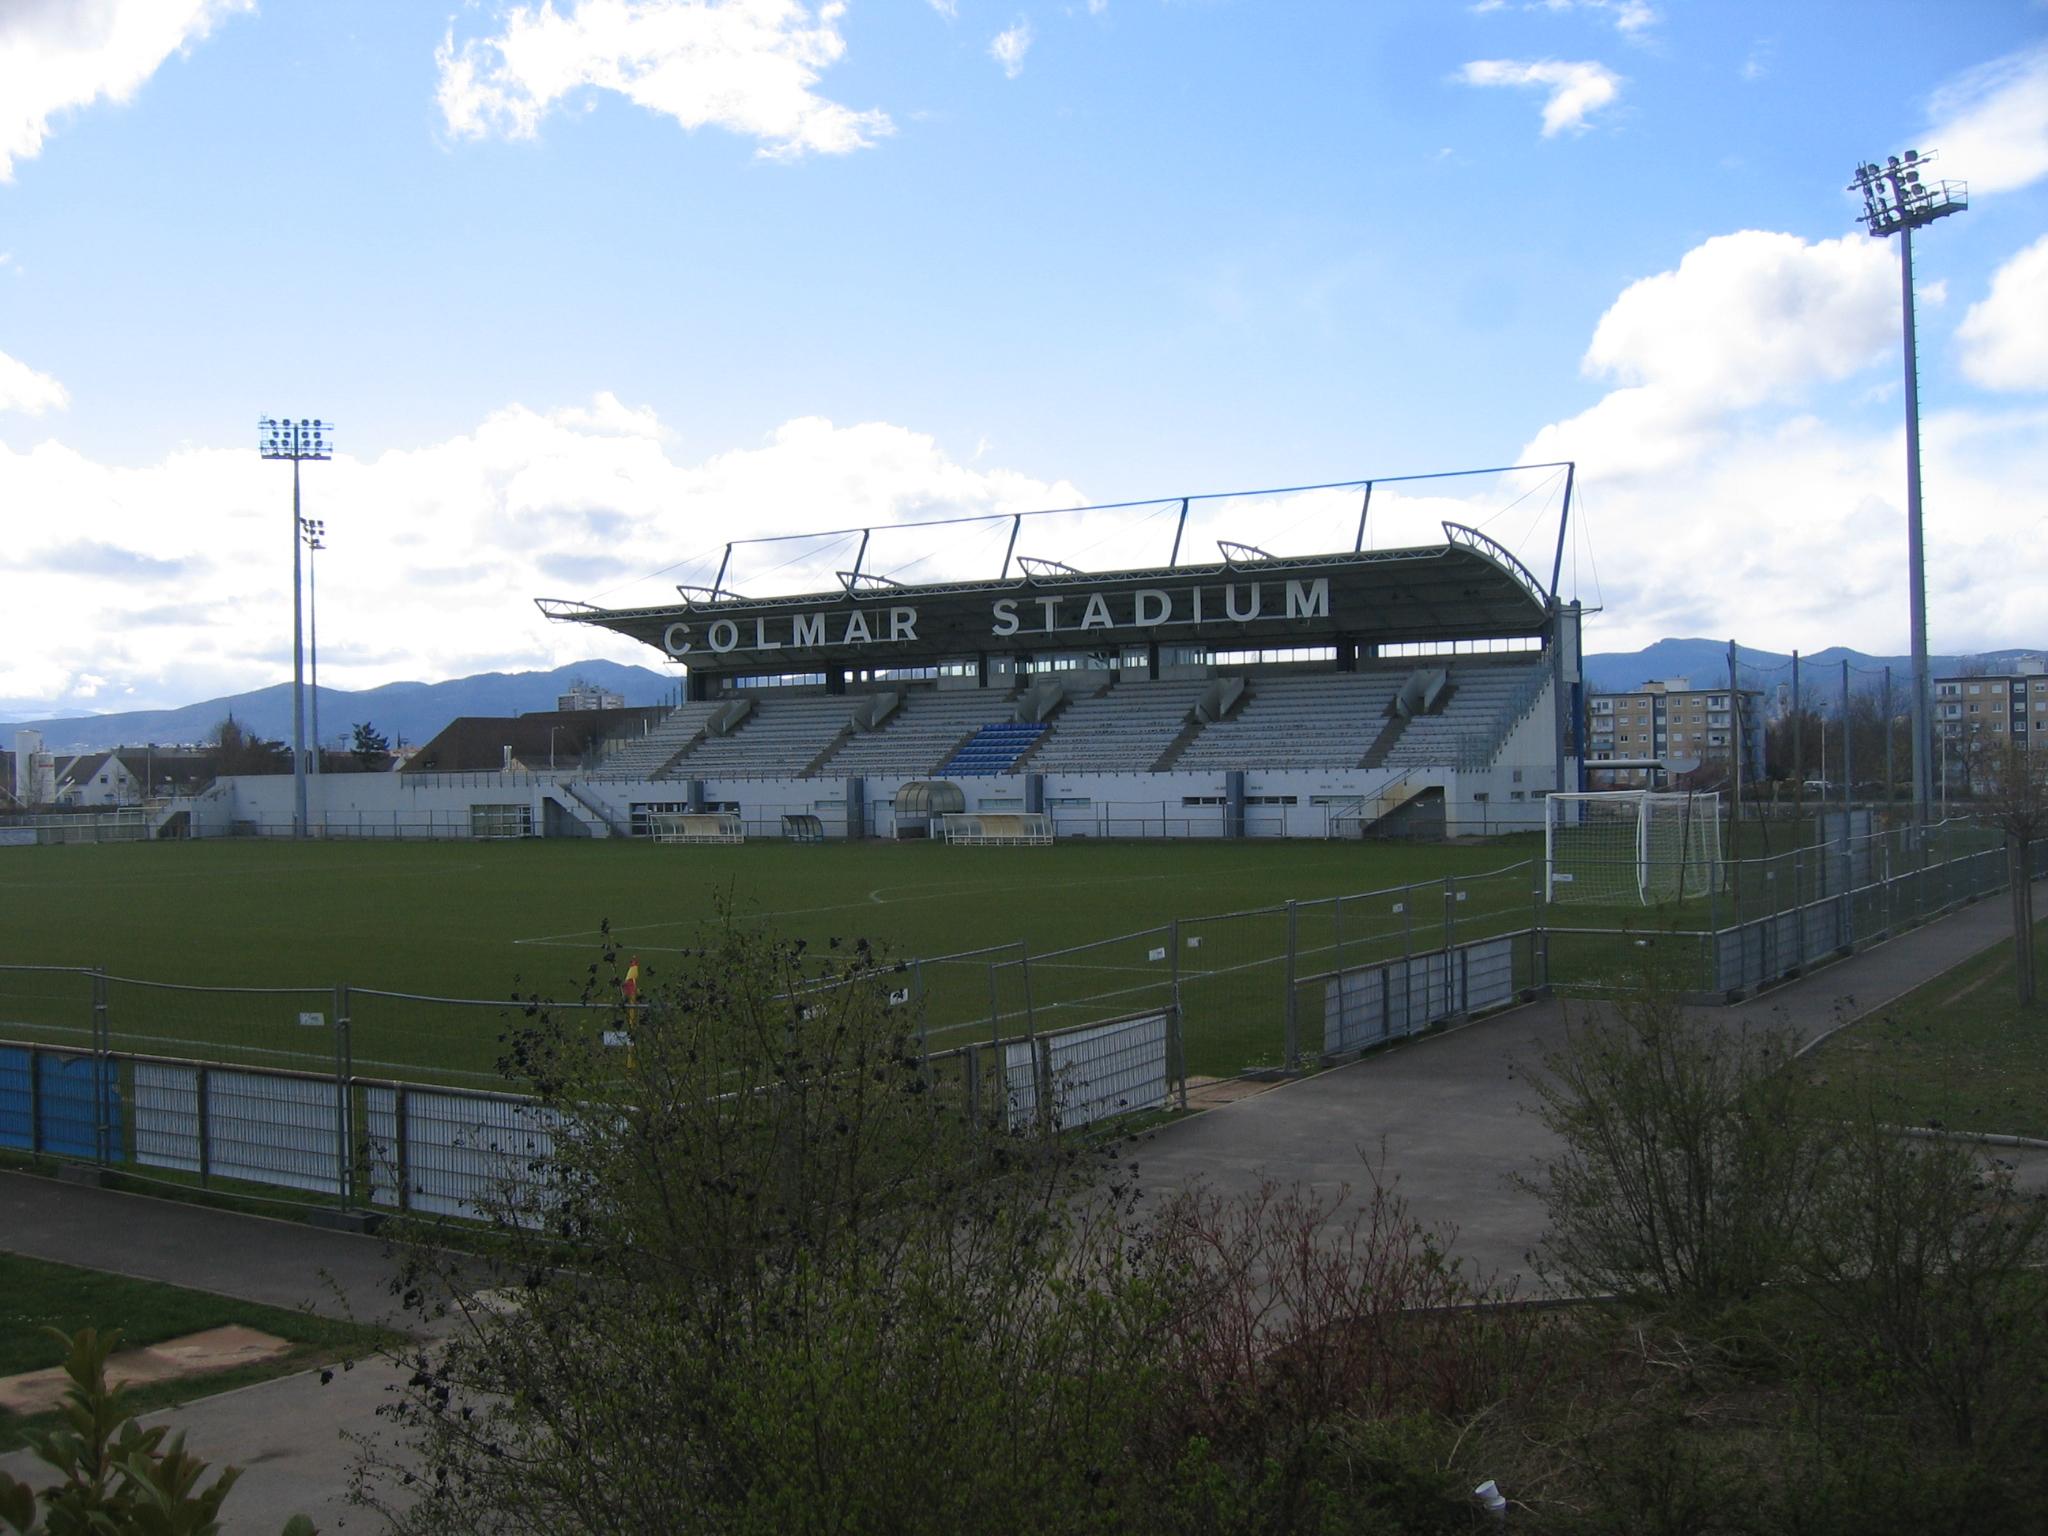 PARC DES SPORTS DE COLMAR, STADIUM 1